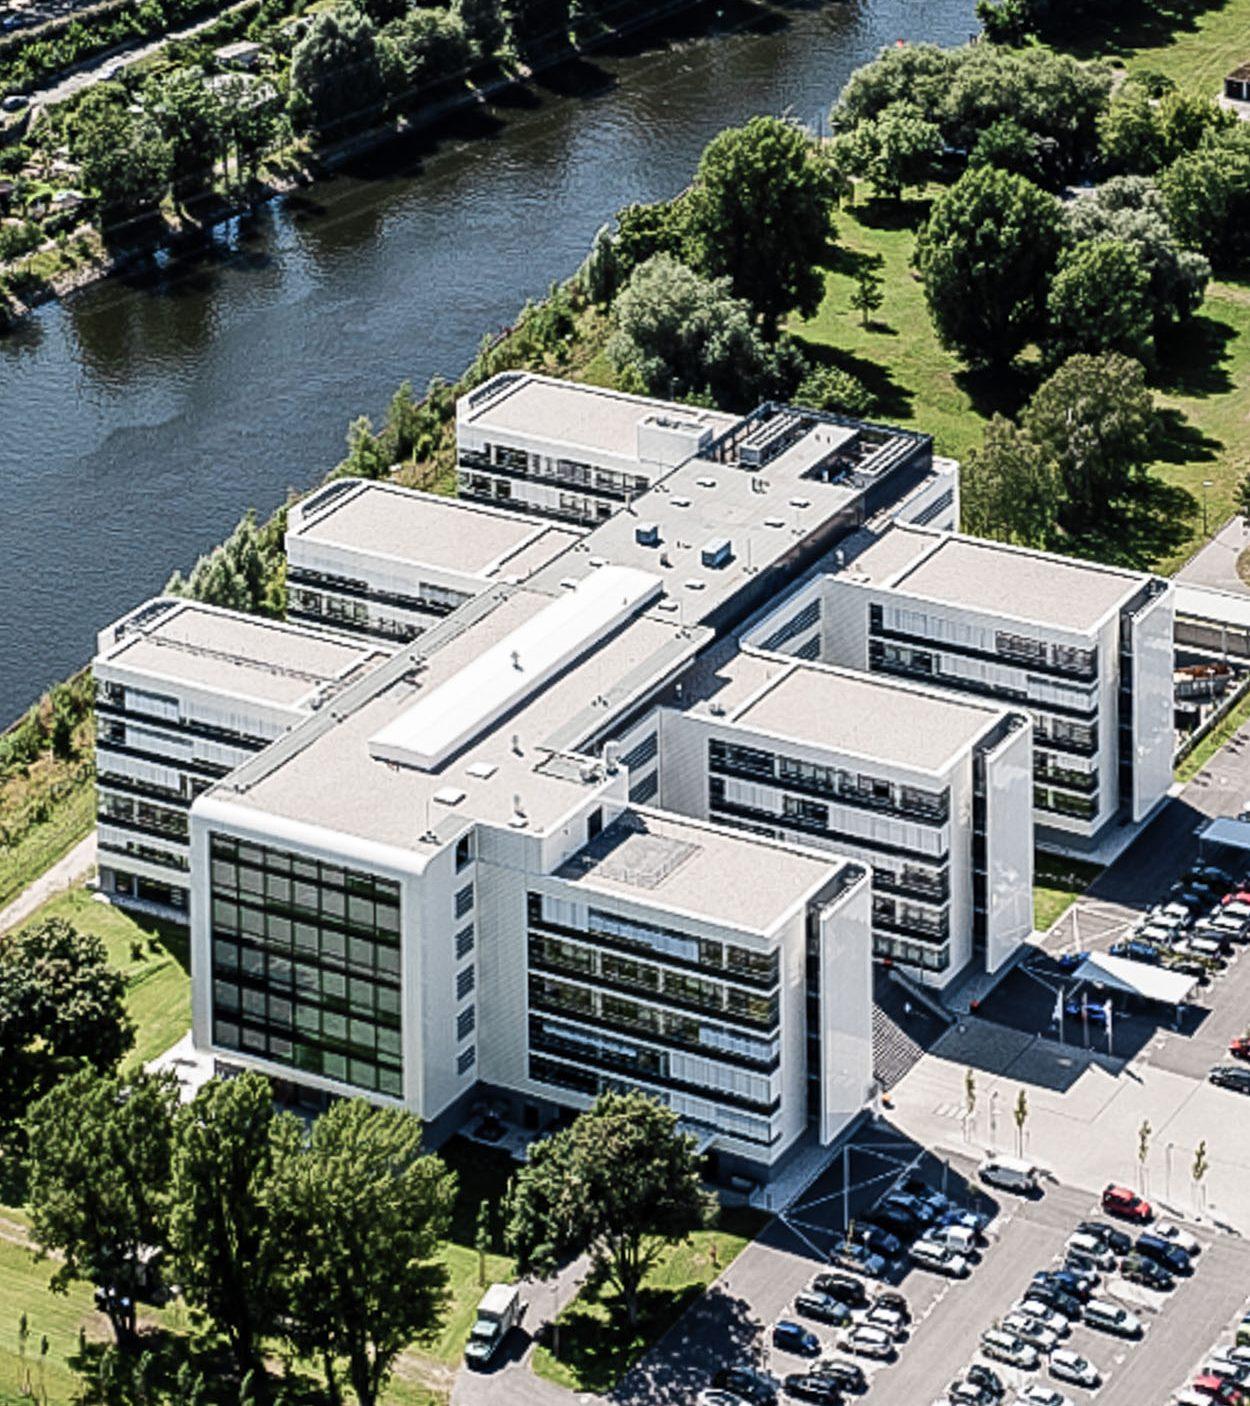 BSH Verwaltungs- und Forschungszentrum Berlin - Luftbild